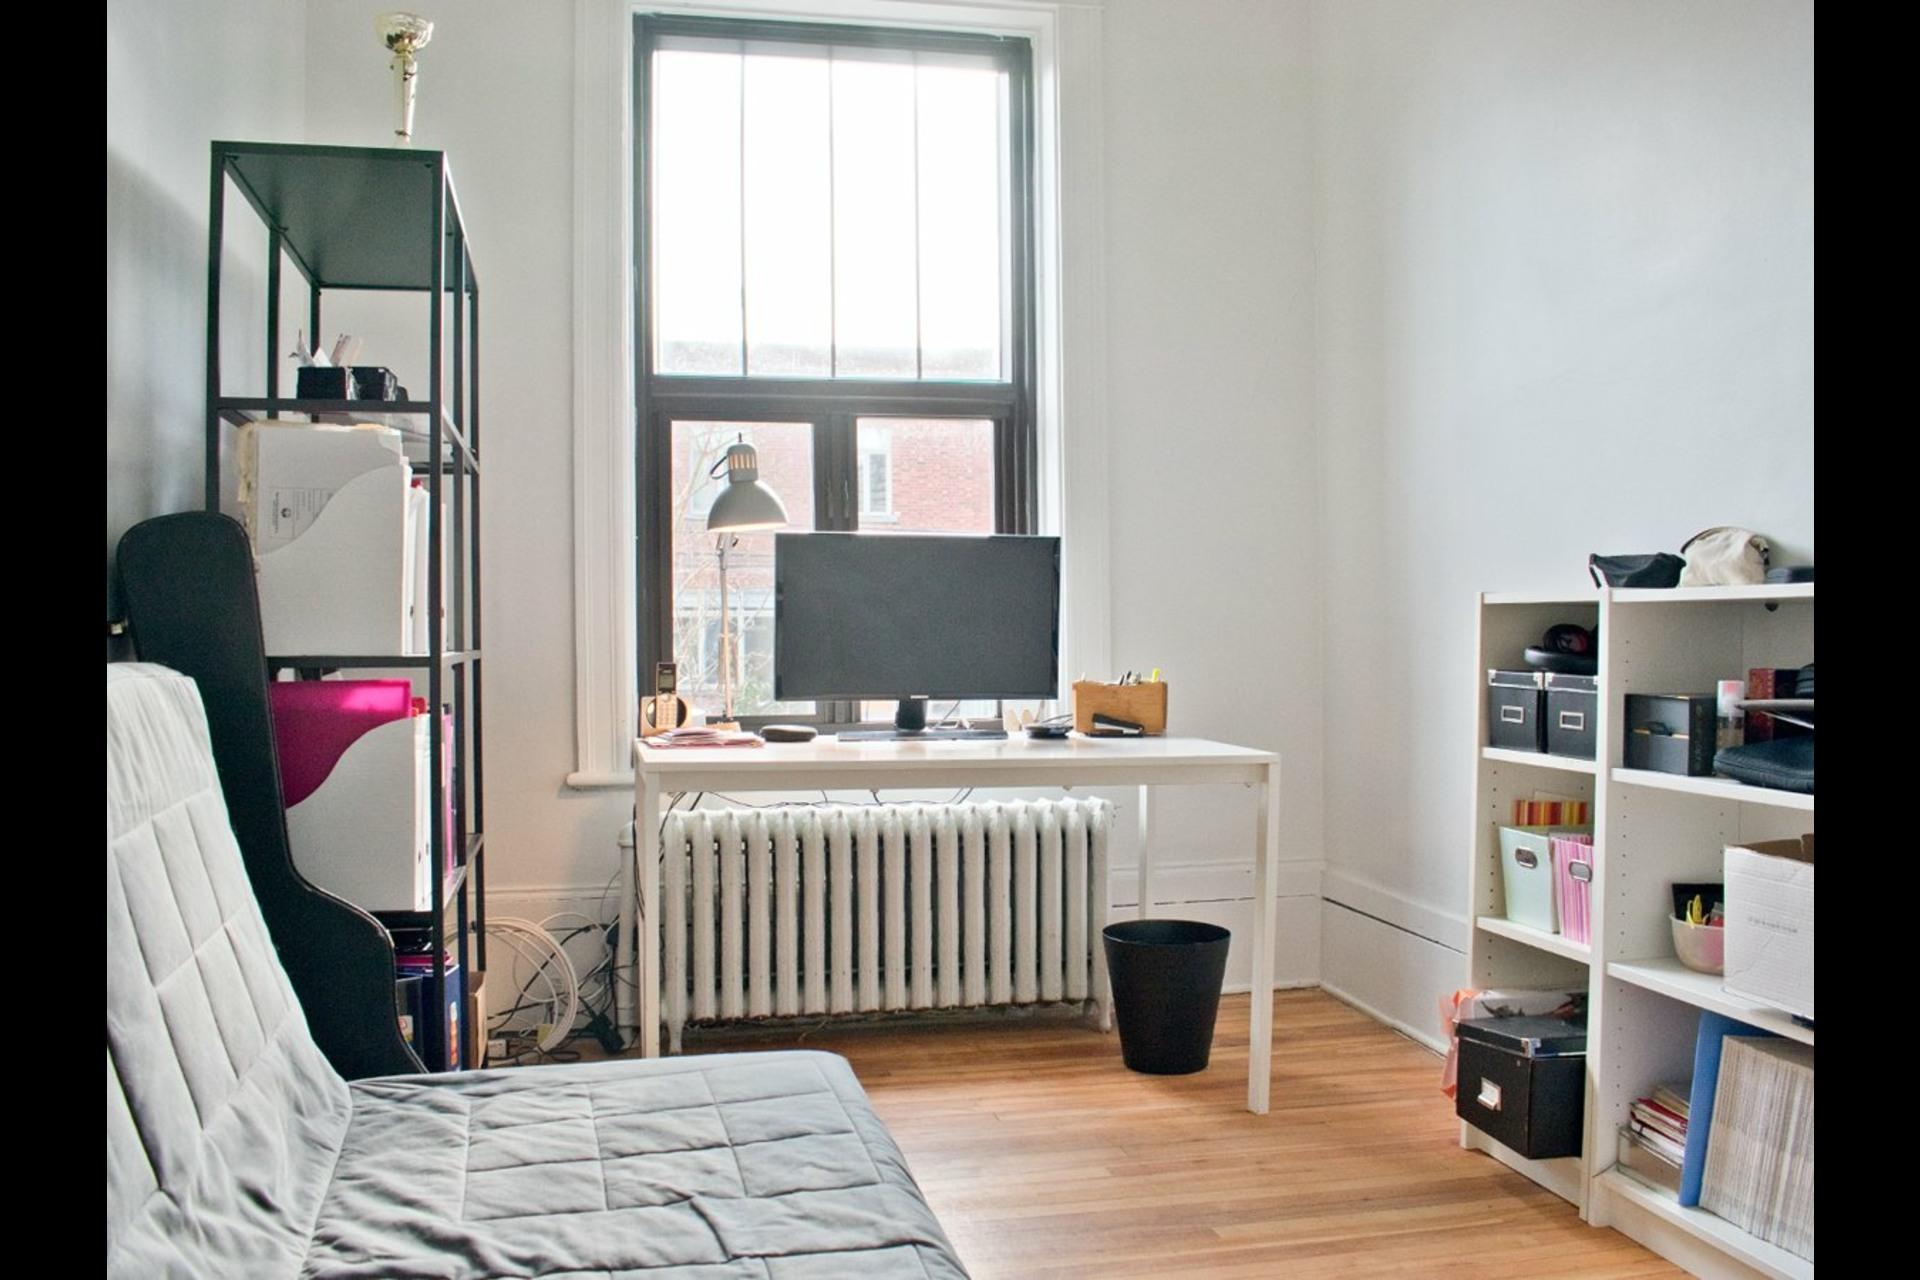 image 10 - Maison À vendre Côte-des-Neiges/Notre-Dame-de-Grâce Montréal  - 14 pièces